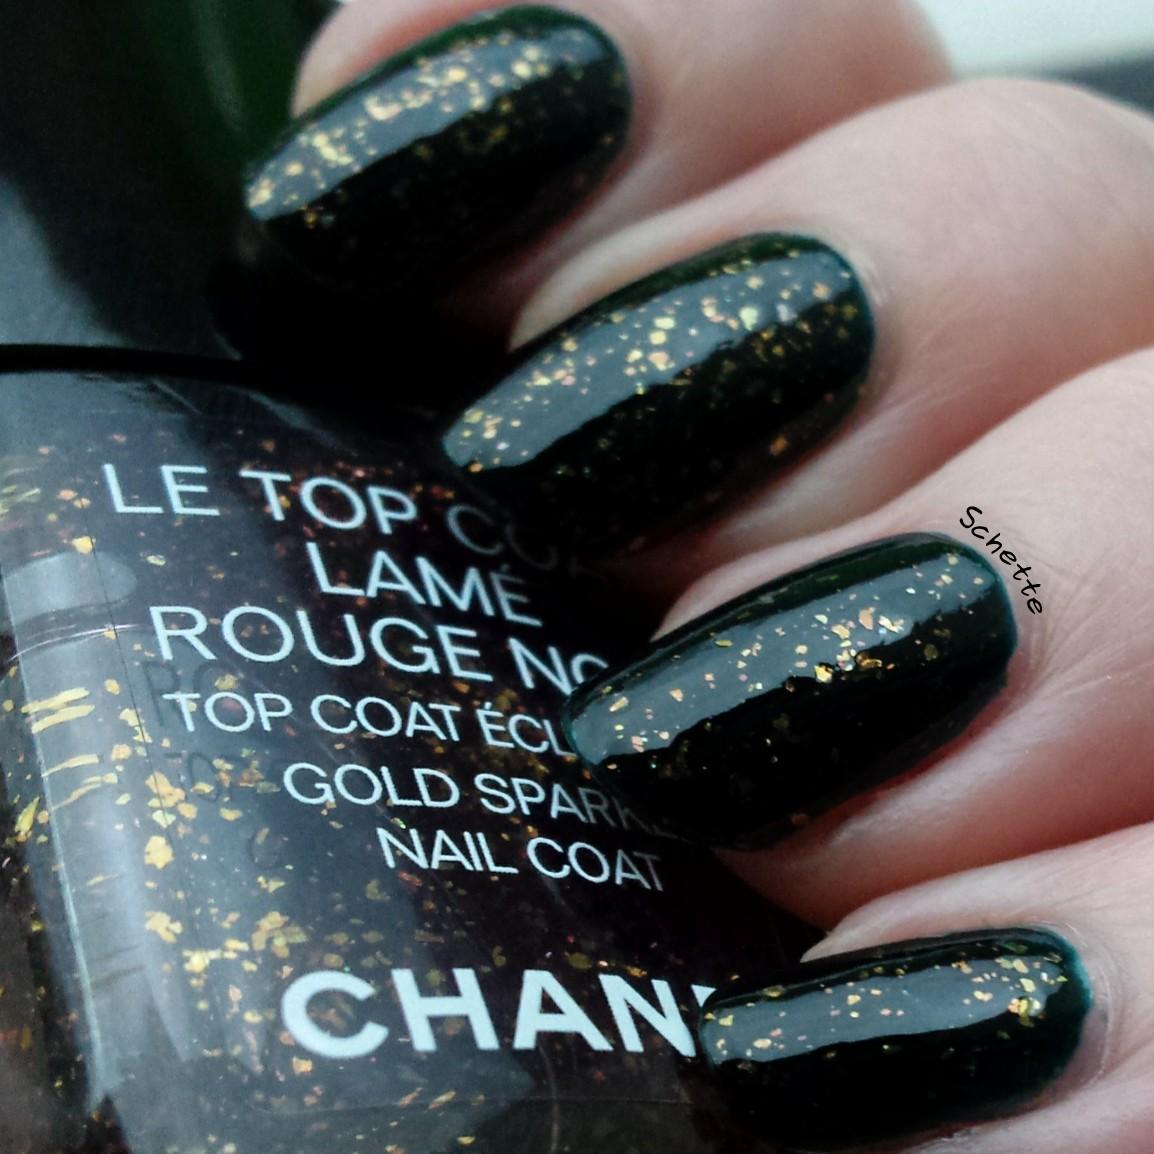 Chanel : Lame Rouge Noir